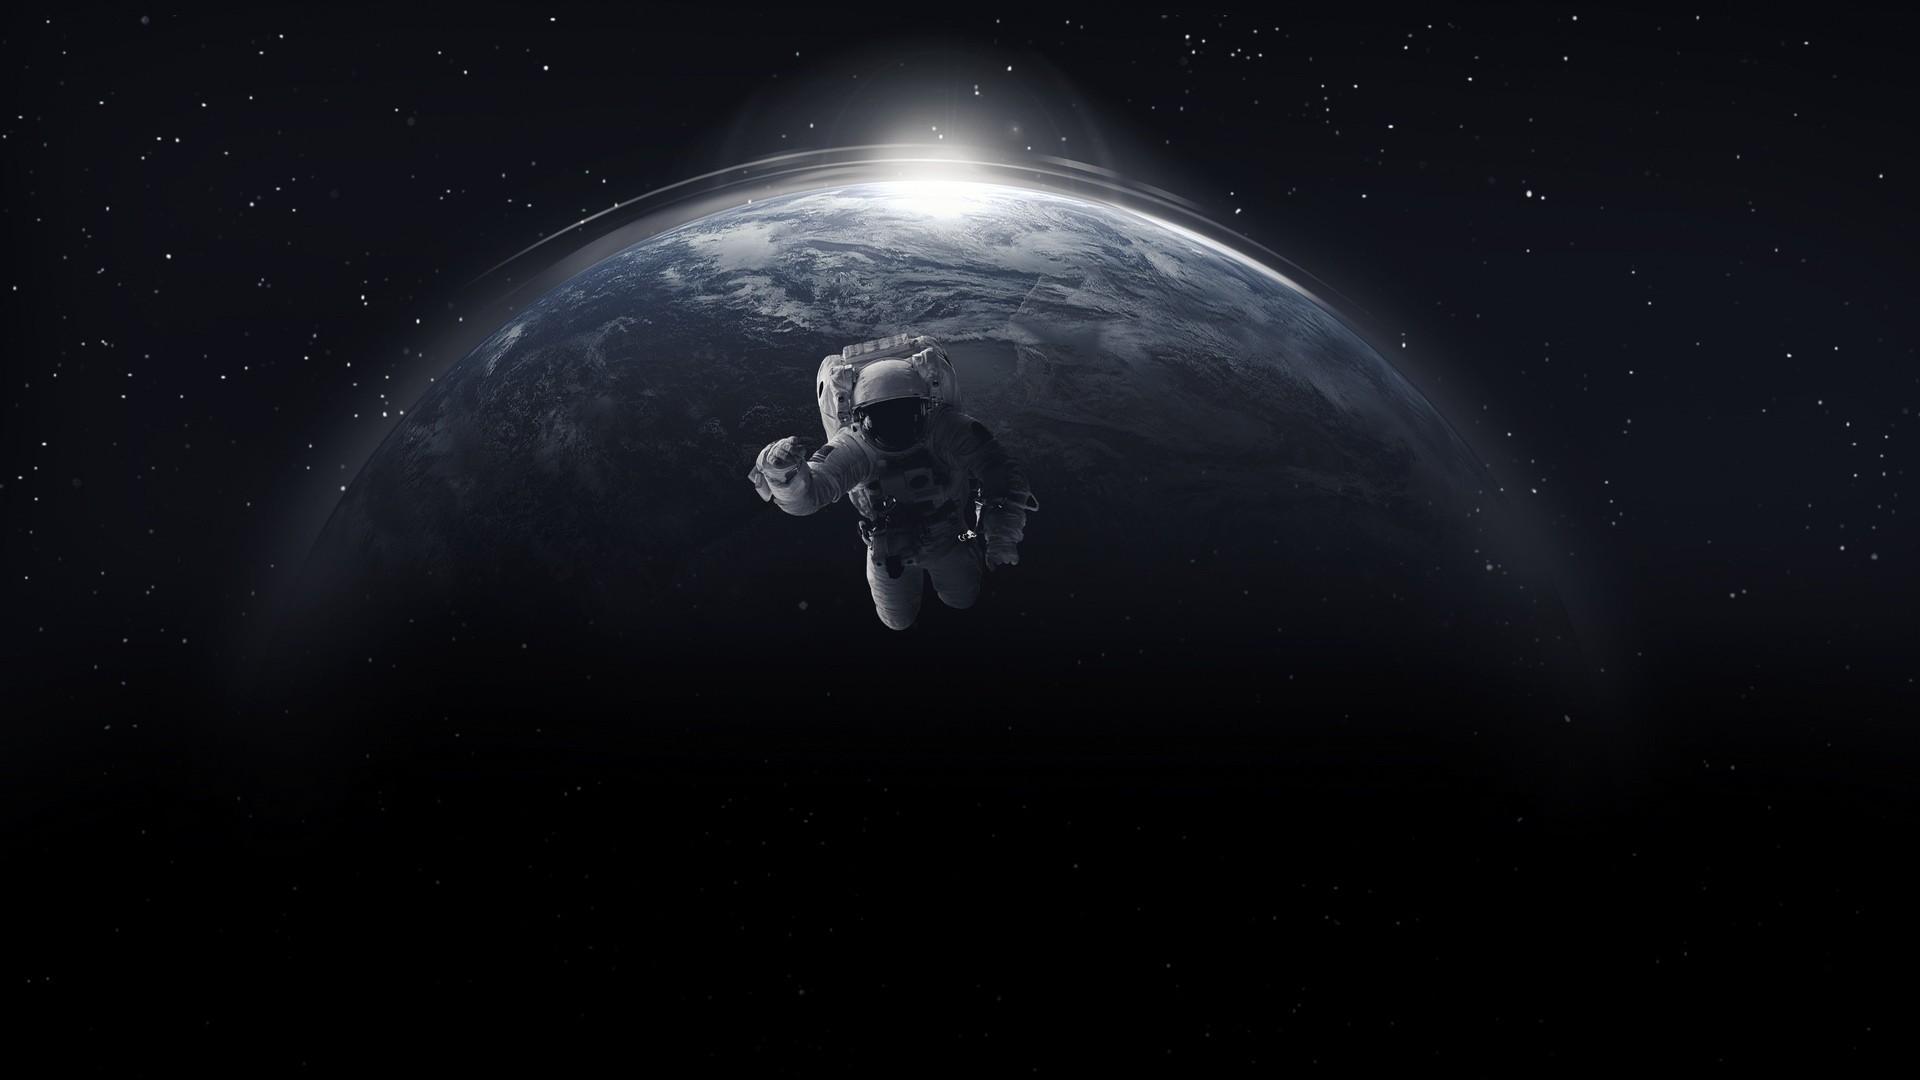 космонавт в открытом космосе рисунки